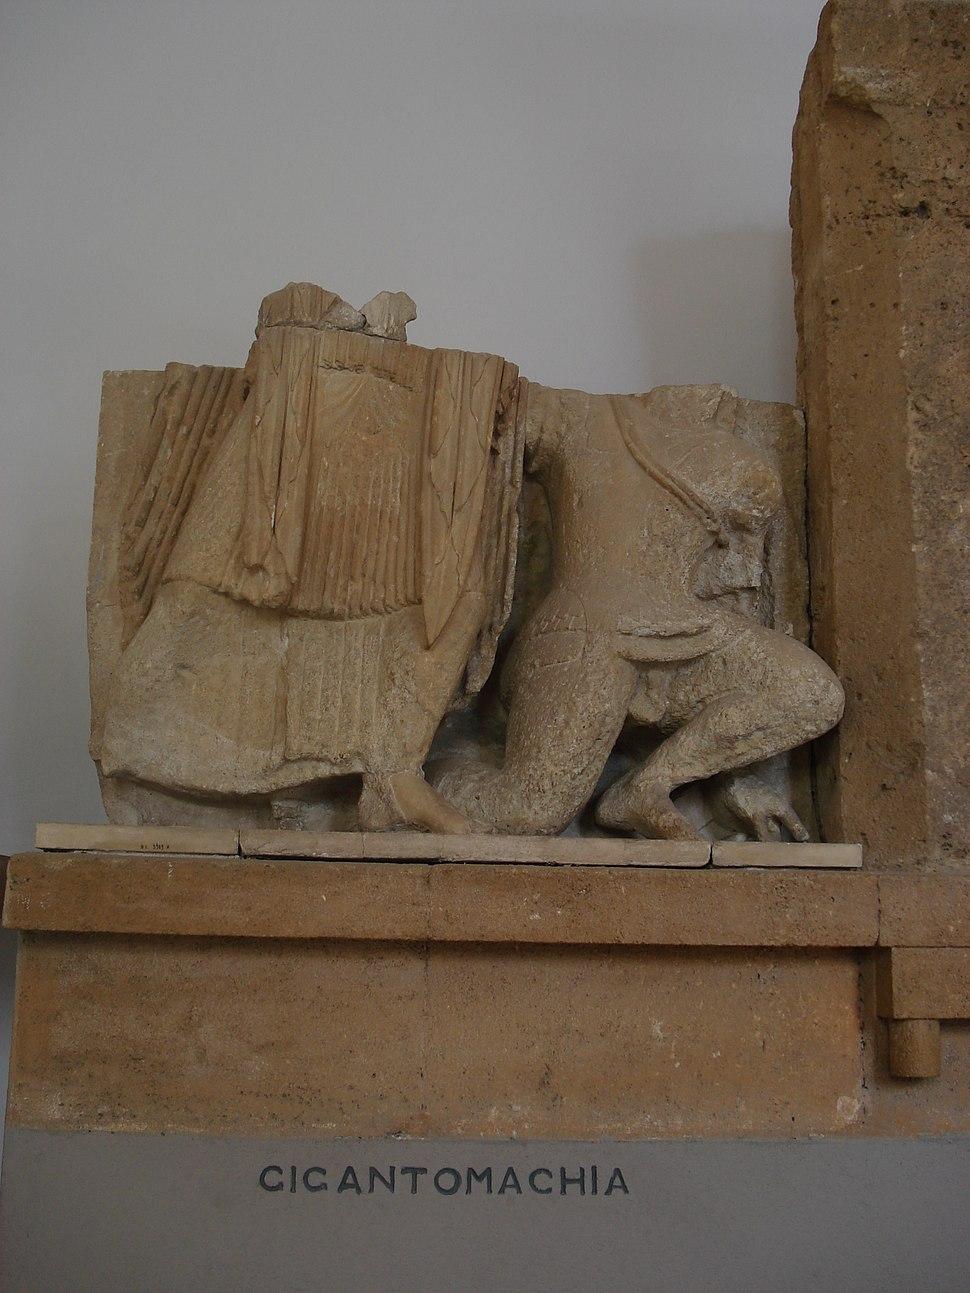 DSC00410 - Tempio F di Selinunte - Gigantomachia - Foto G. Dall'Orto